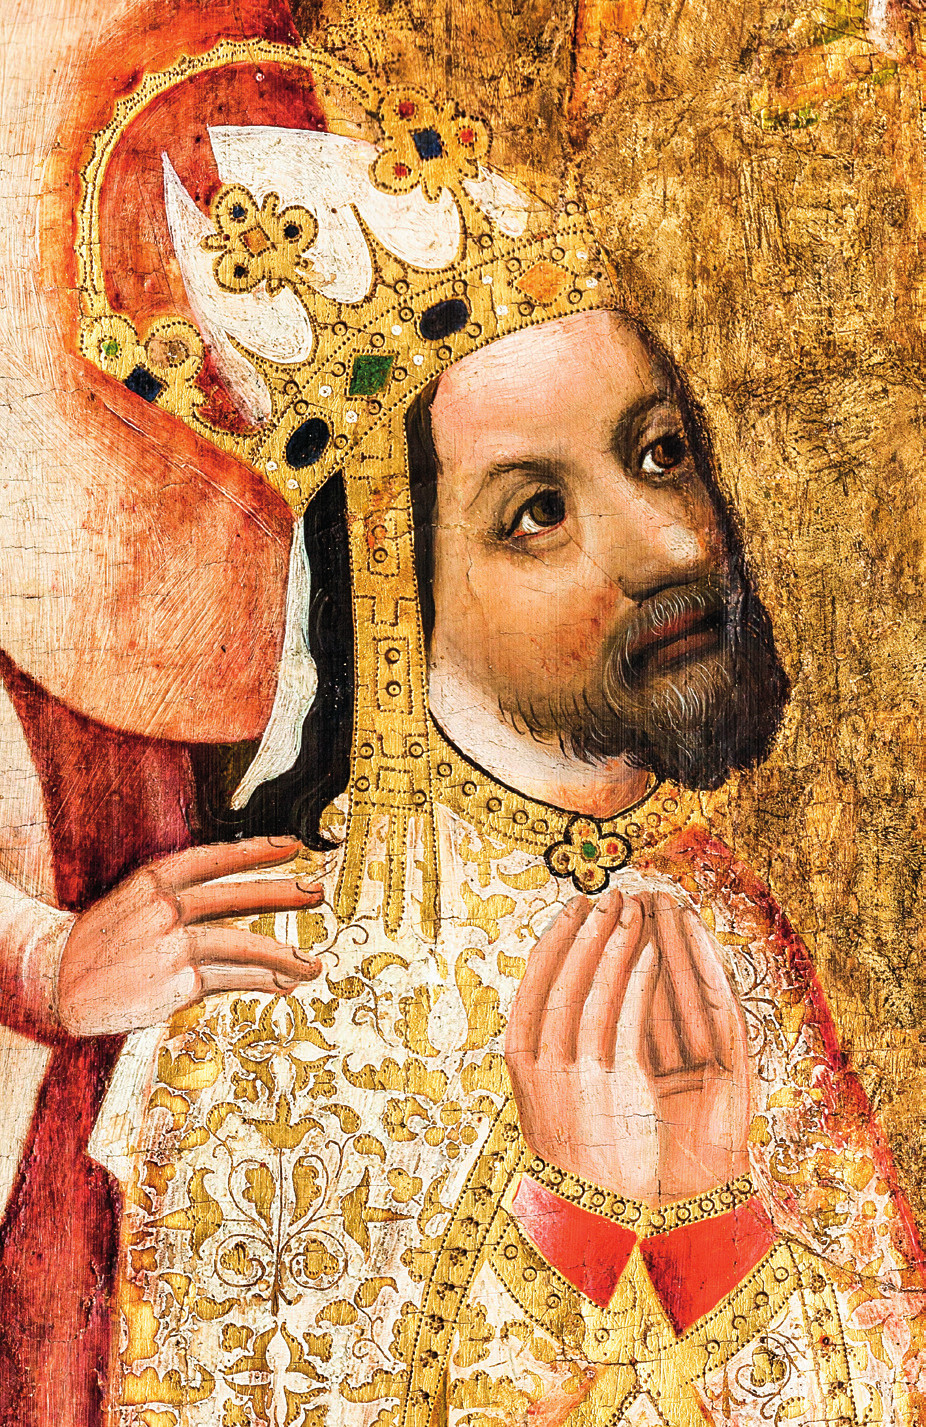 Podobizna Karla IV. na votivním obrazu Jana Očka z Vlašimi